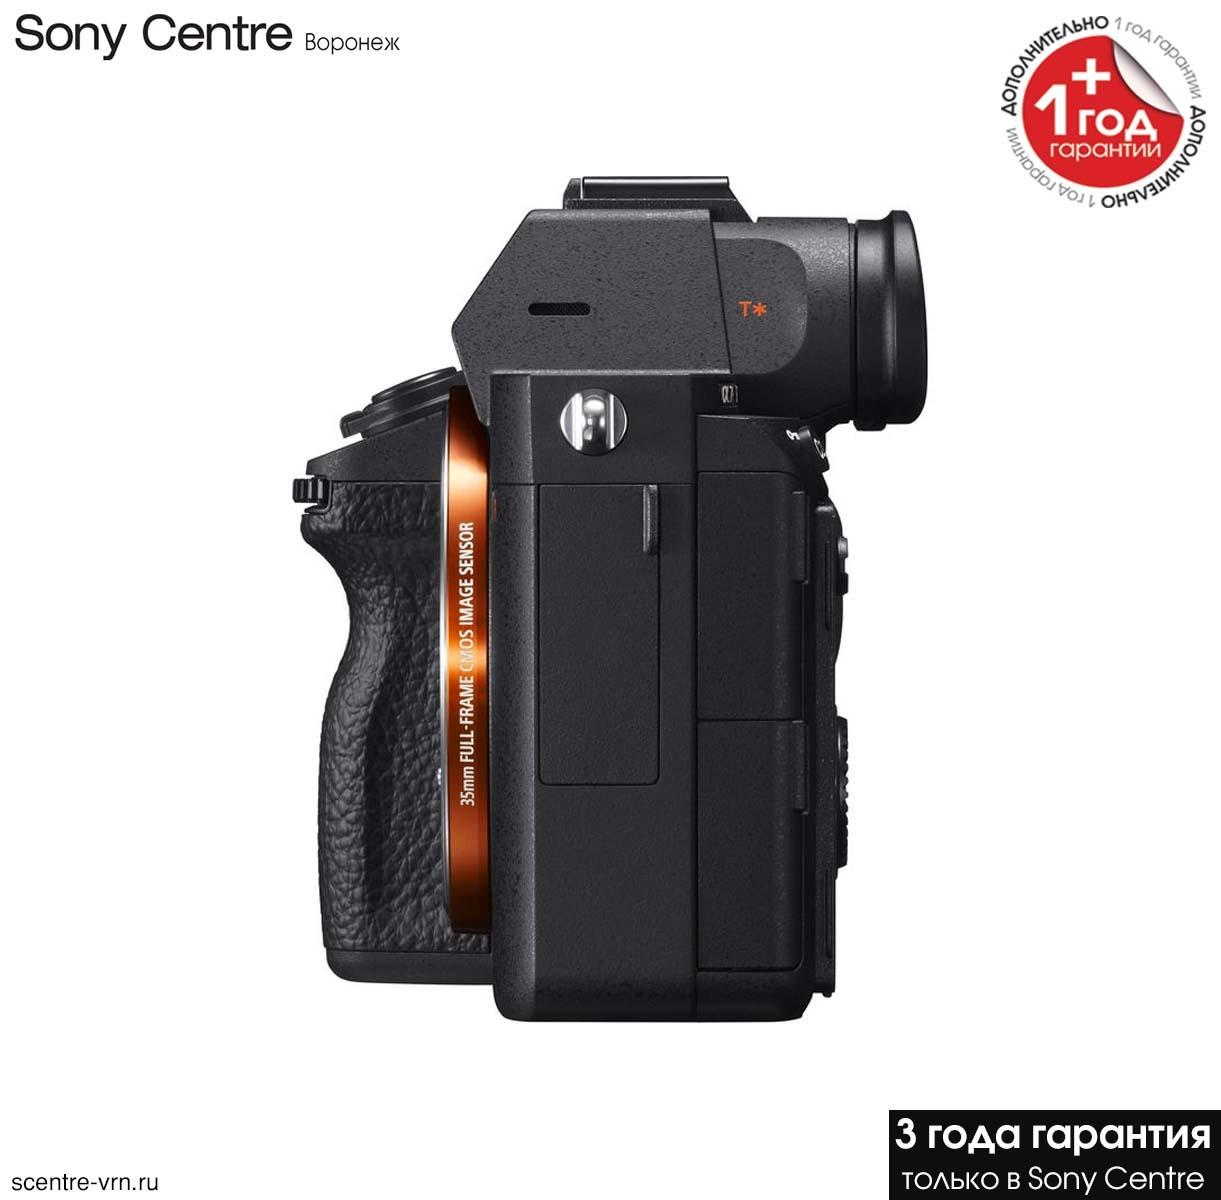 Купить Sony Alpha ILCE-7R3 Body в Sony Centre Воронеж